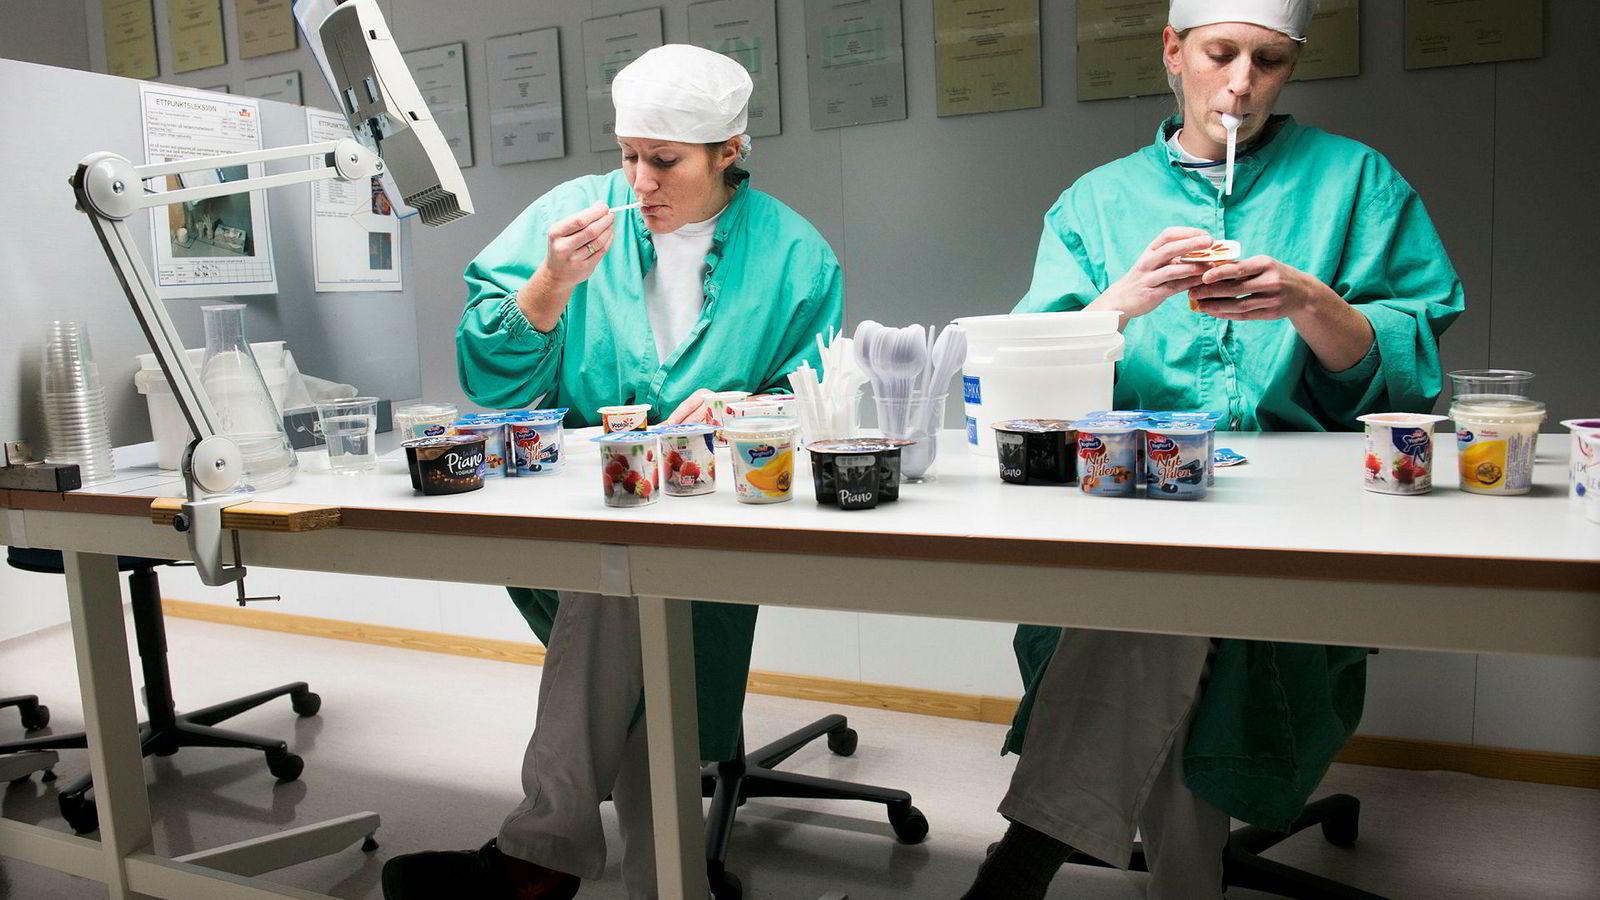 Tine skjerper inn innovasjonsarbeidet for å skape nye bestselgere i meierisektoren. Her på Tine-meieriet på Frya produseres yoghurt. Marte Skurdal (tv) og Anne Kristin Kjernlie.